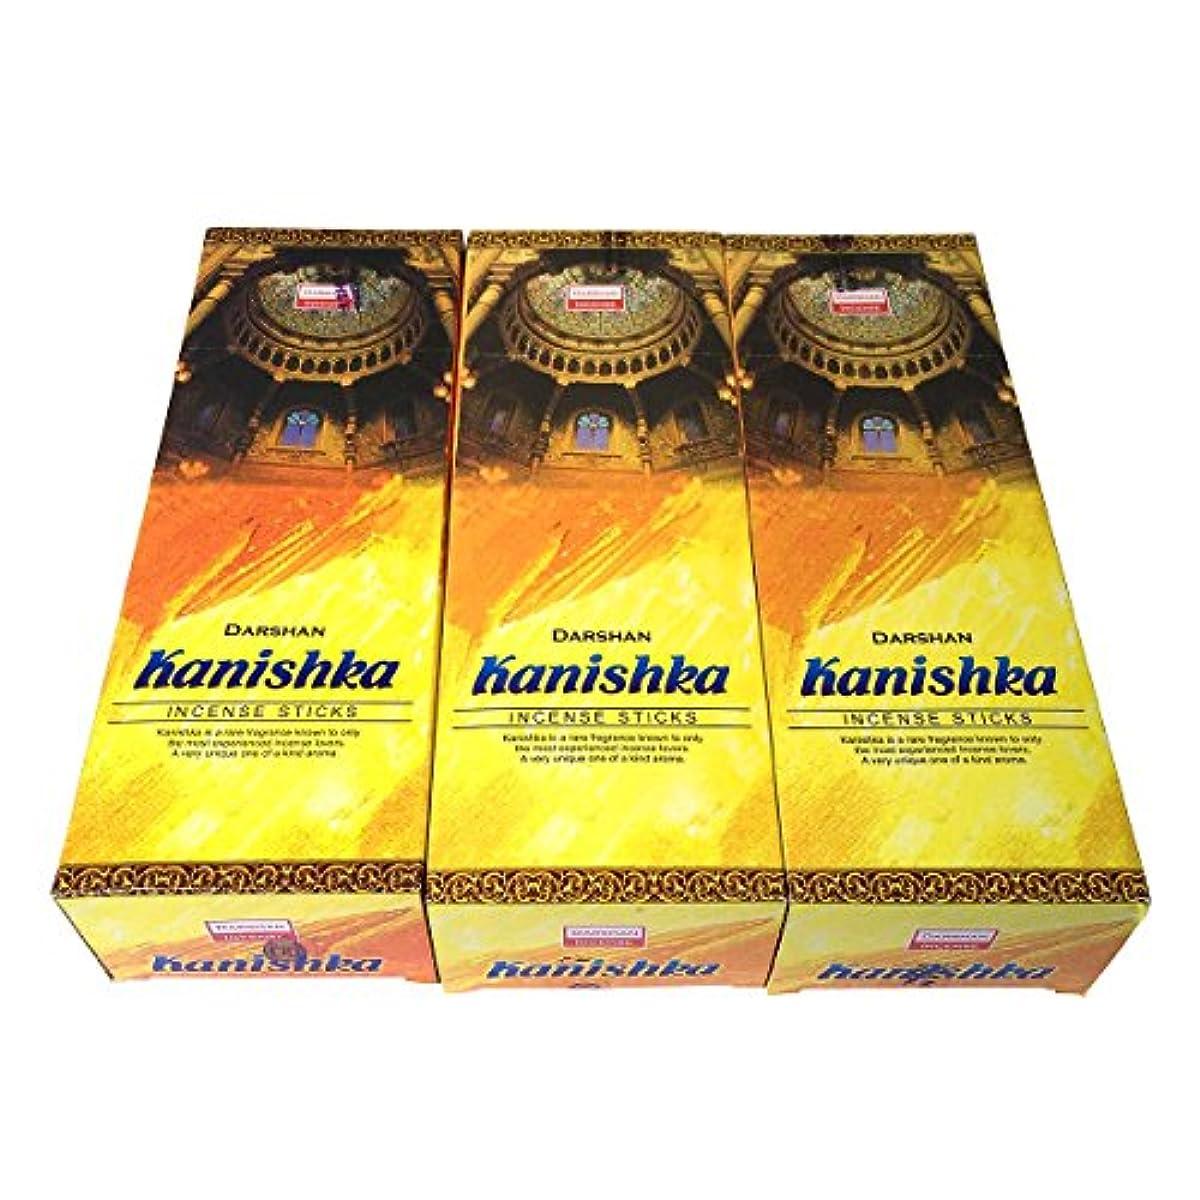 銅失業手配するカニシュカ香スティック 3BOX(18箱) /DARSHAN KANISHKA/インセンス/インド香 お香 [並行輸入品]